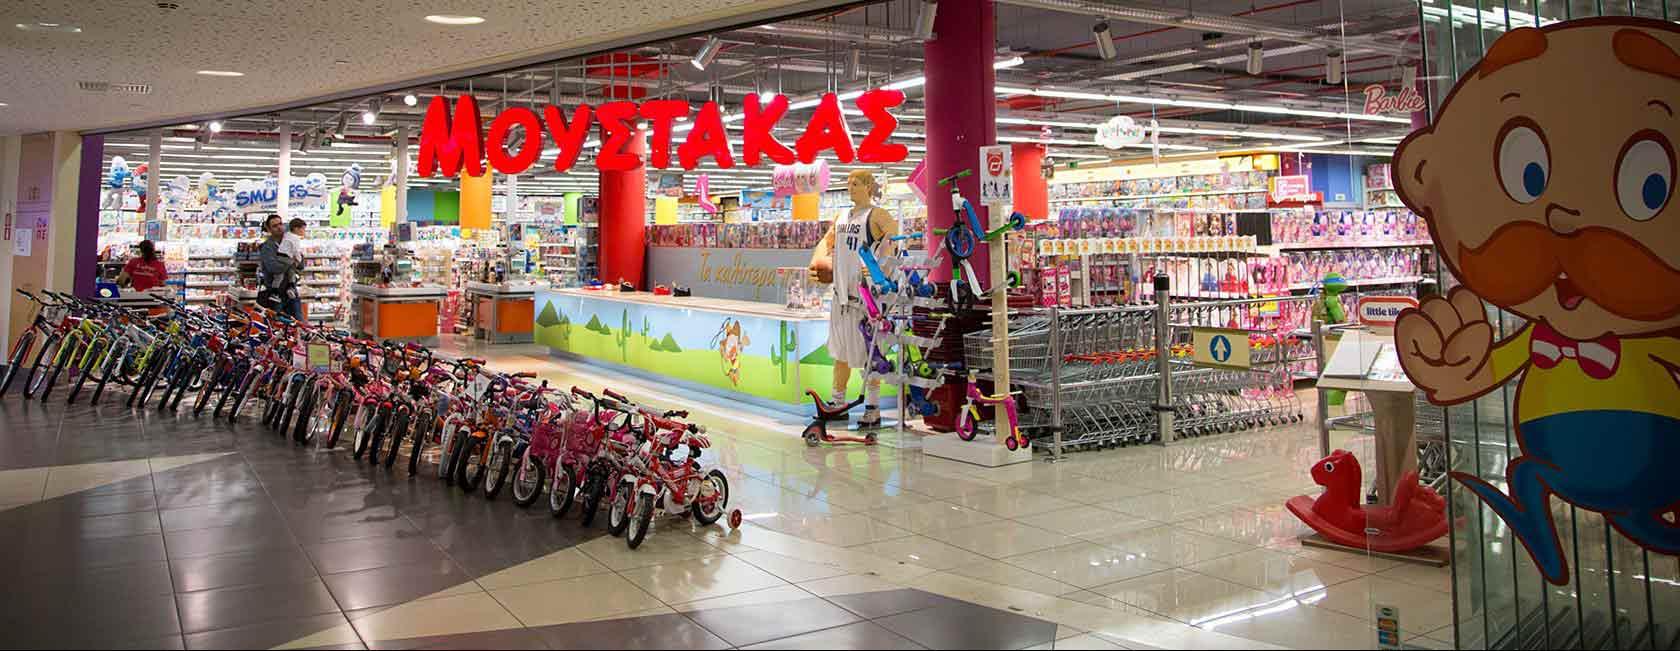 Το moustakastoys.gr σου προσφέρει τεράστια ποικιλία απο παιχνίδια, ποδήλατα, ηλεκτρονικά και άλλα! | YouBeHero